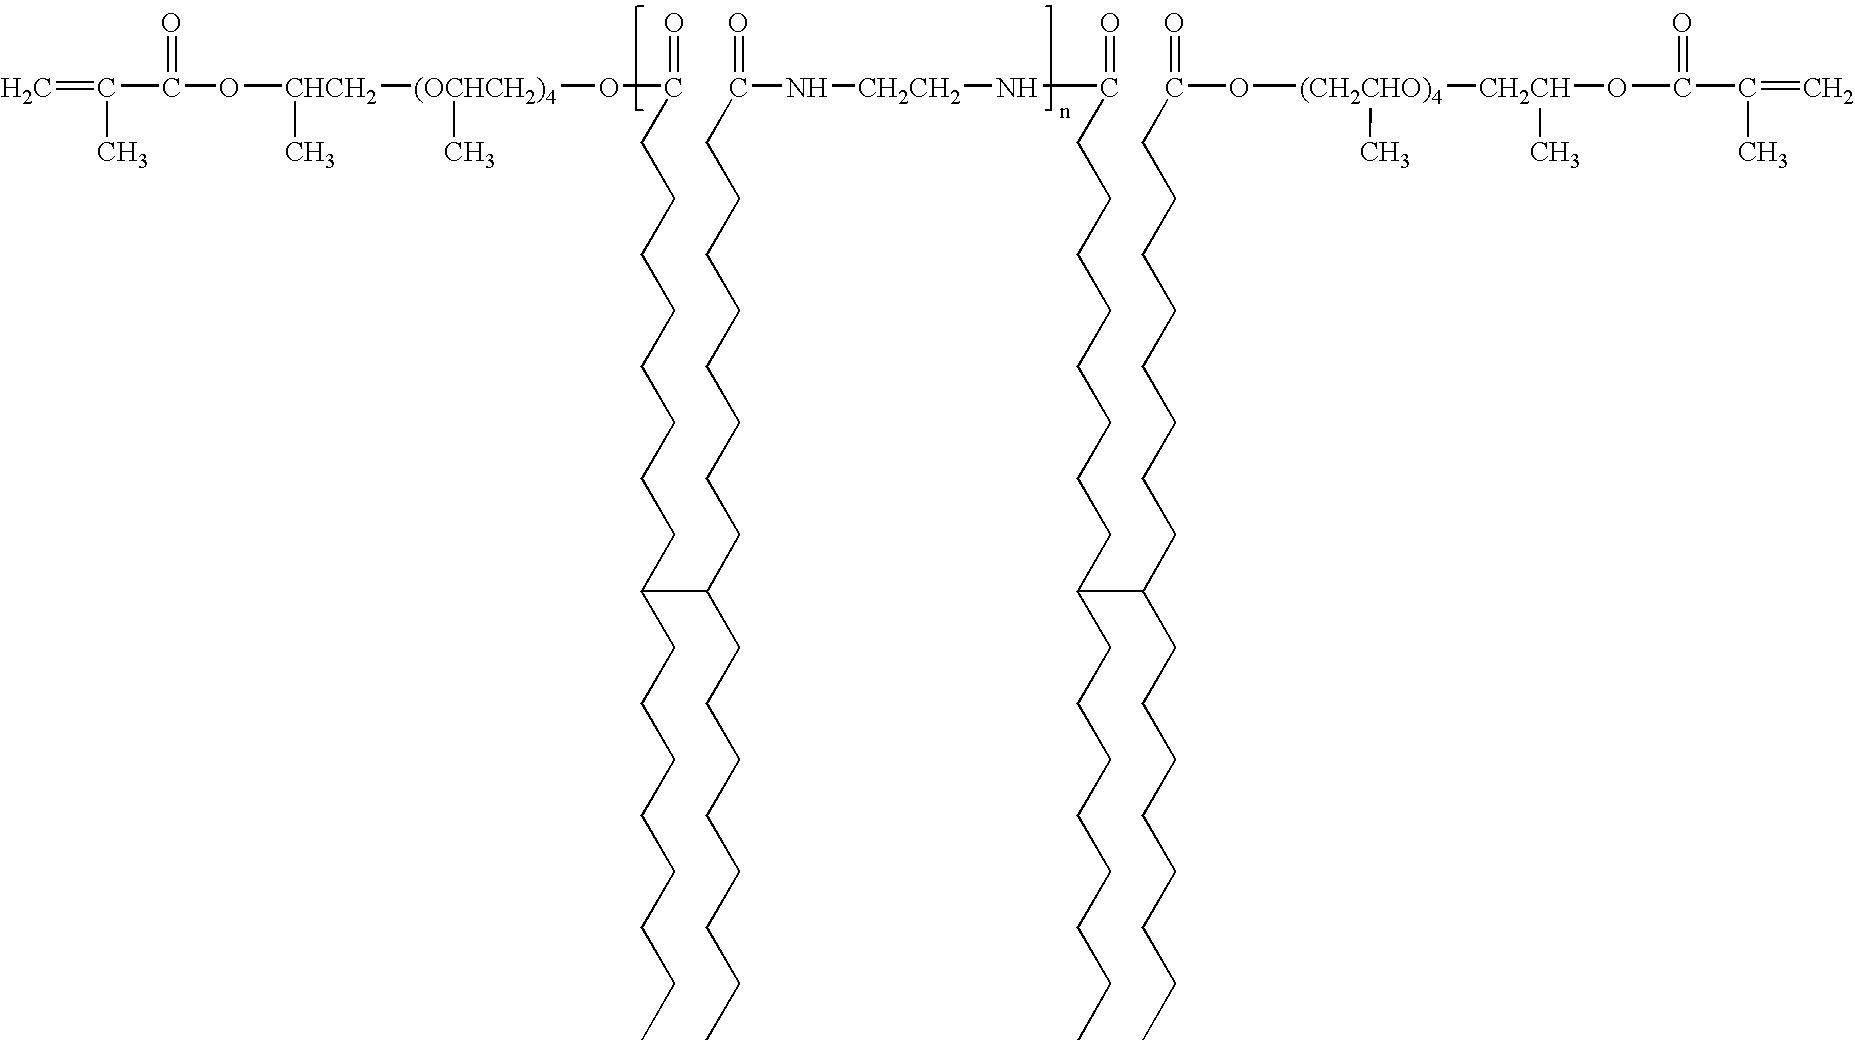 Figure US20070123724A1-20070531-C00037